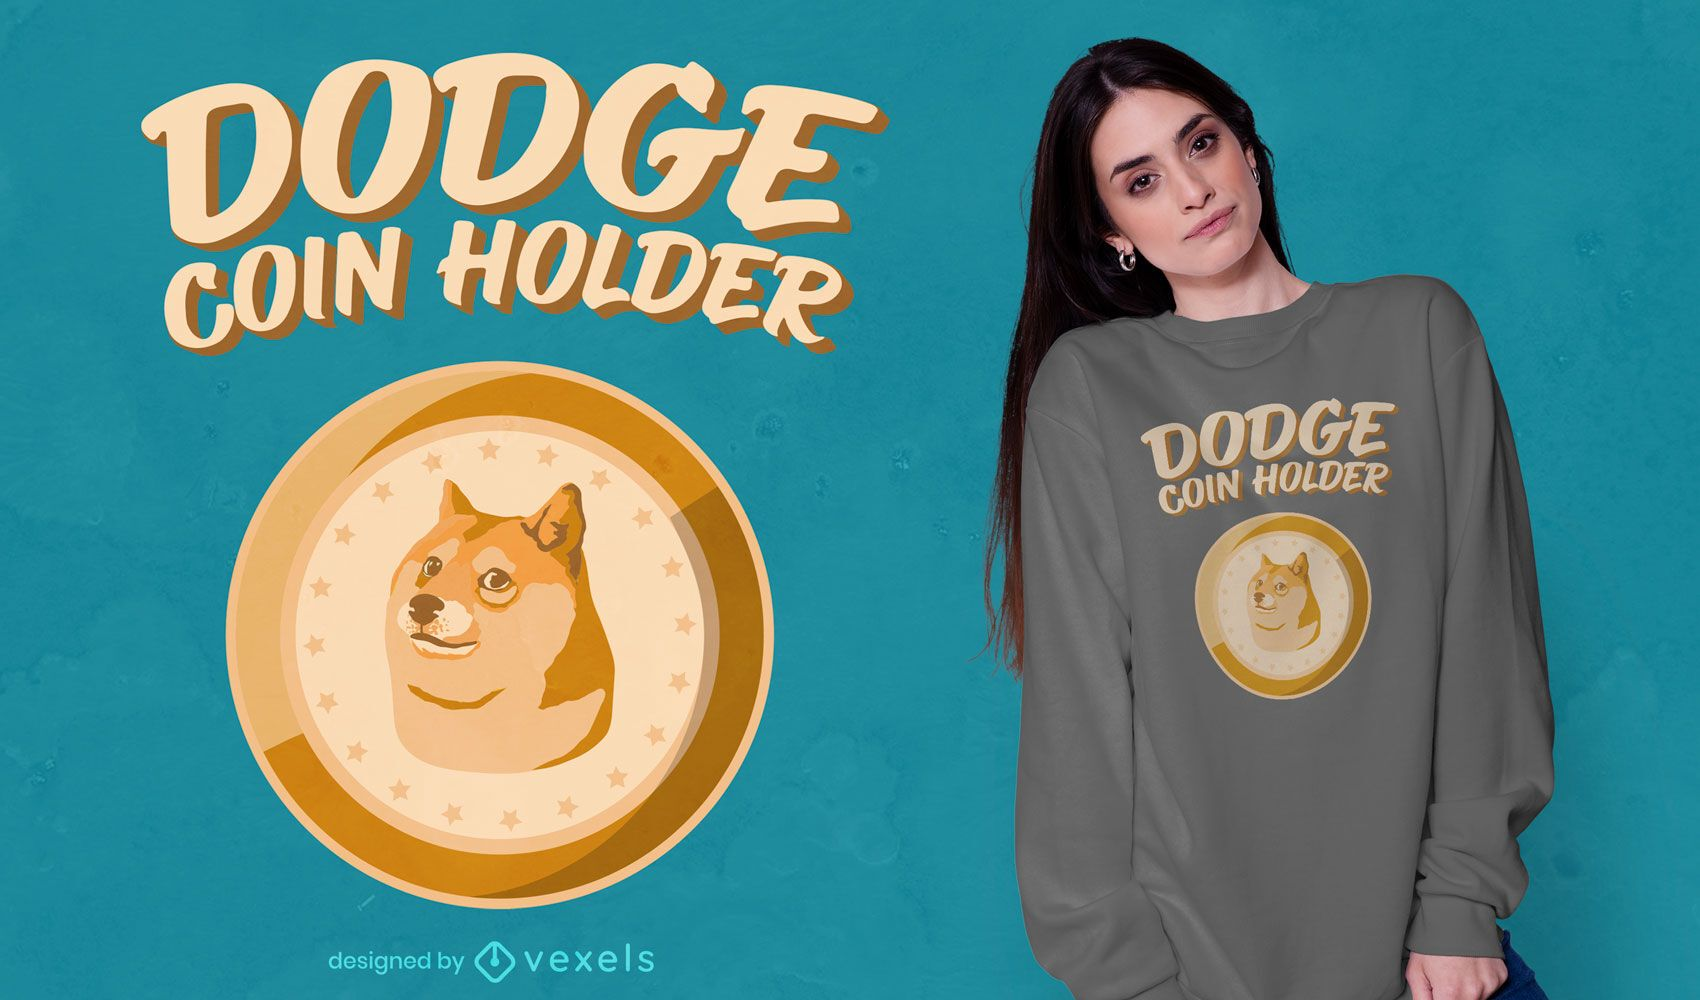 Dodgecoin coin holder t-shirt design